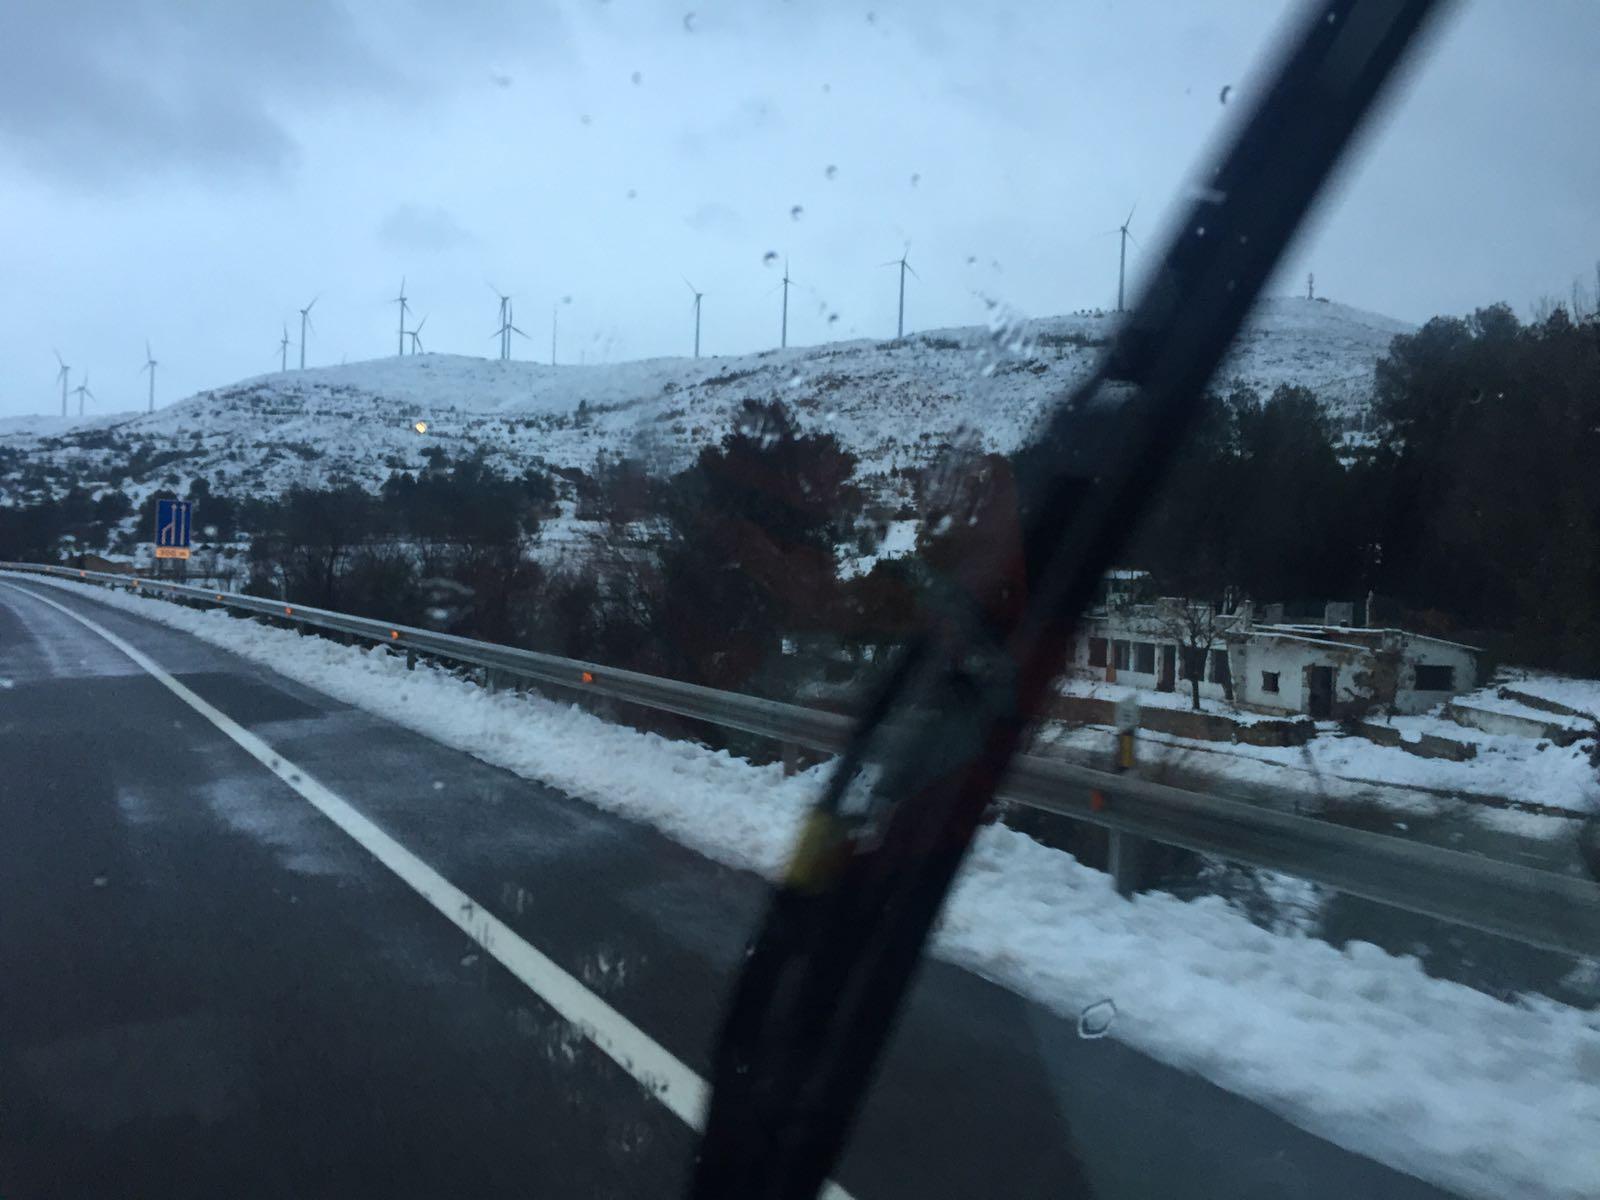 Una imagen de la sierra de La Cabrera, en el término municipal de Buñol y junto al viaducto del Portillo, captada esta mañana. C. Hortelano.